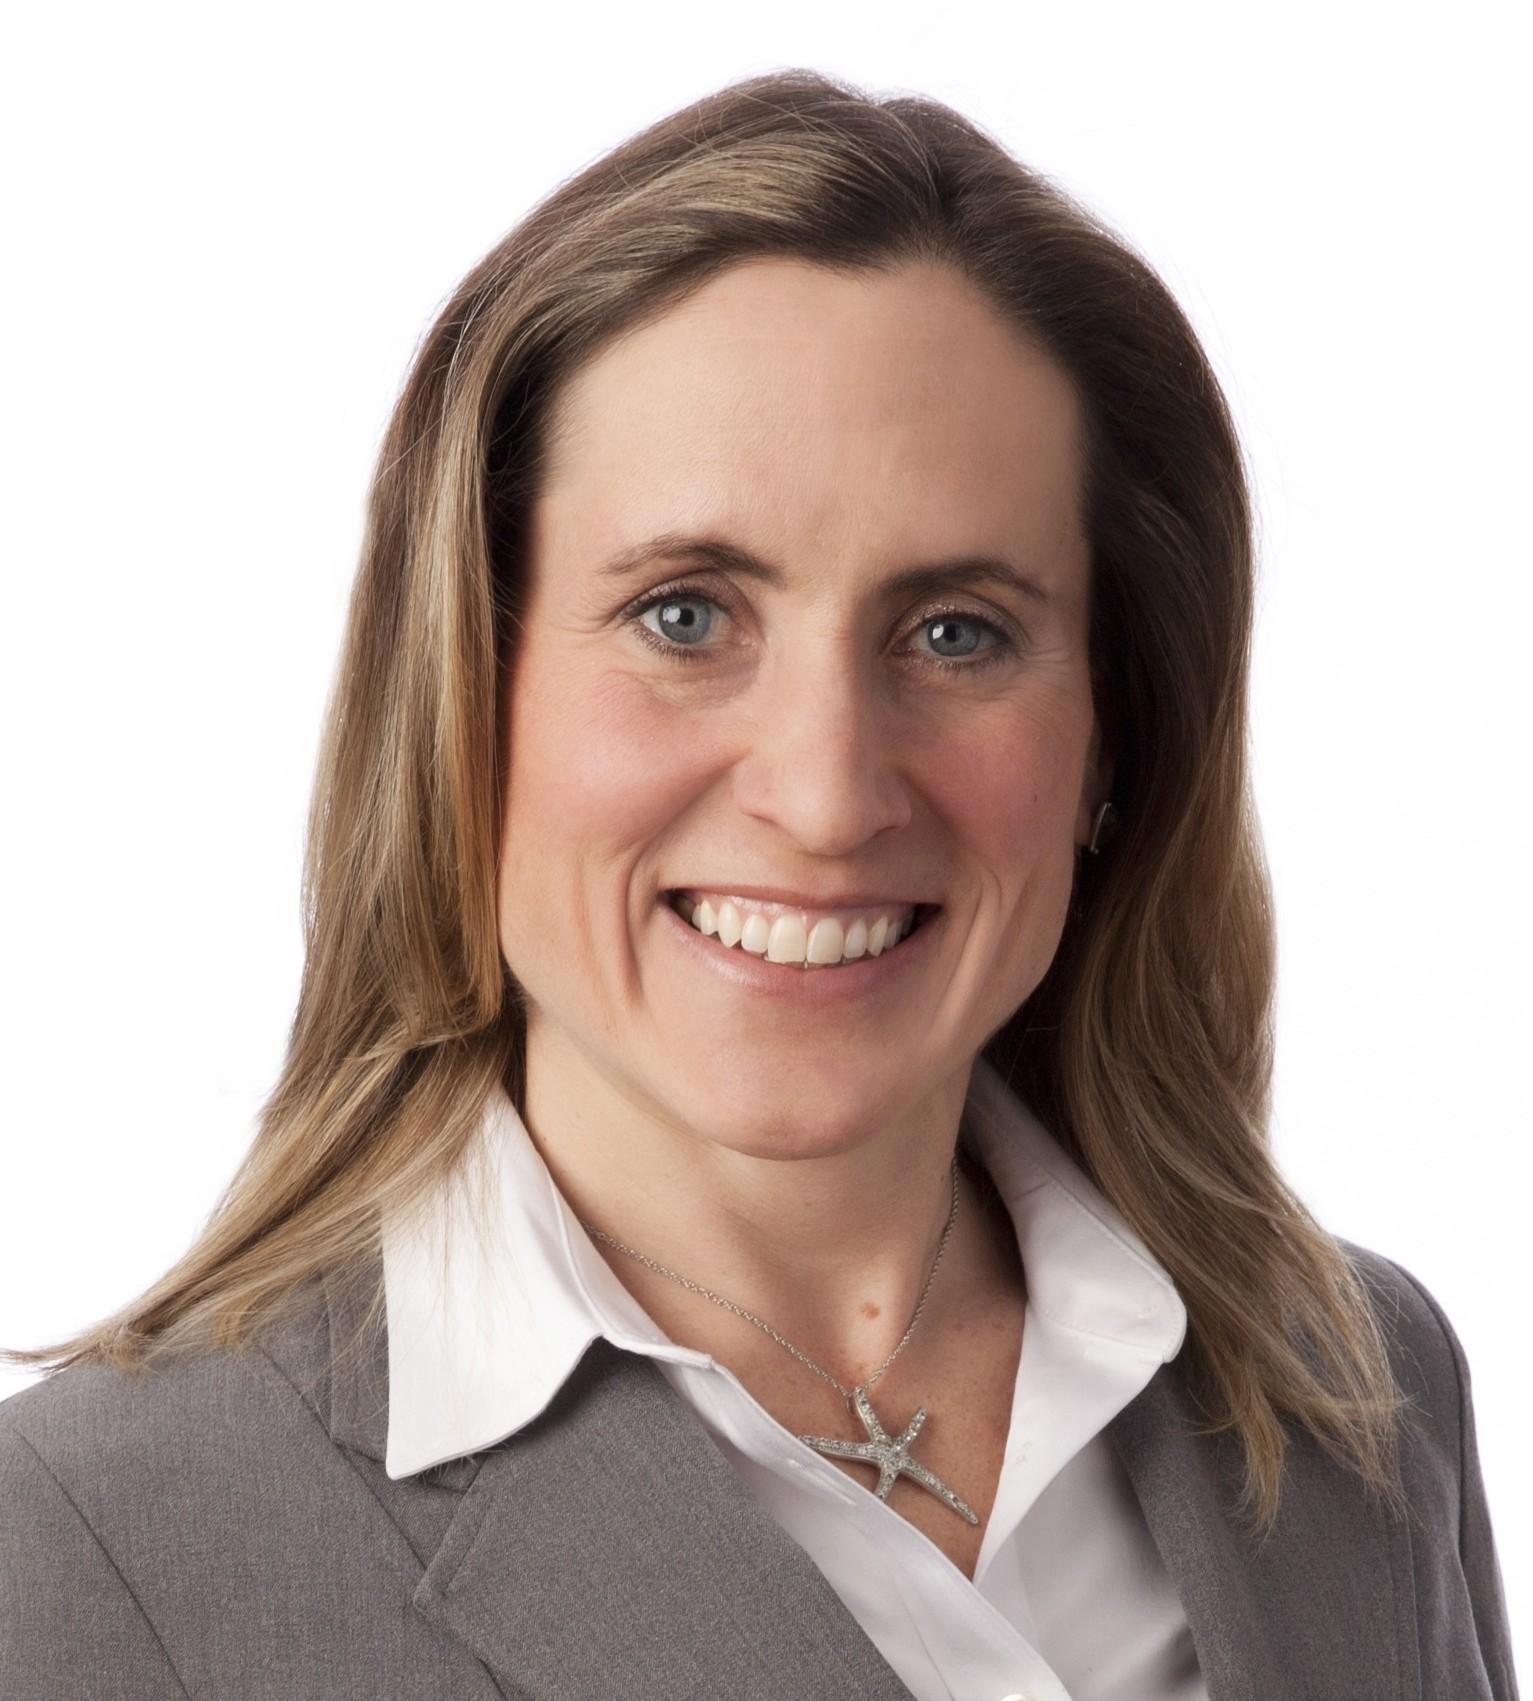 Katie Clancy